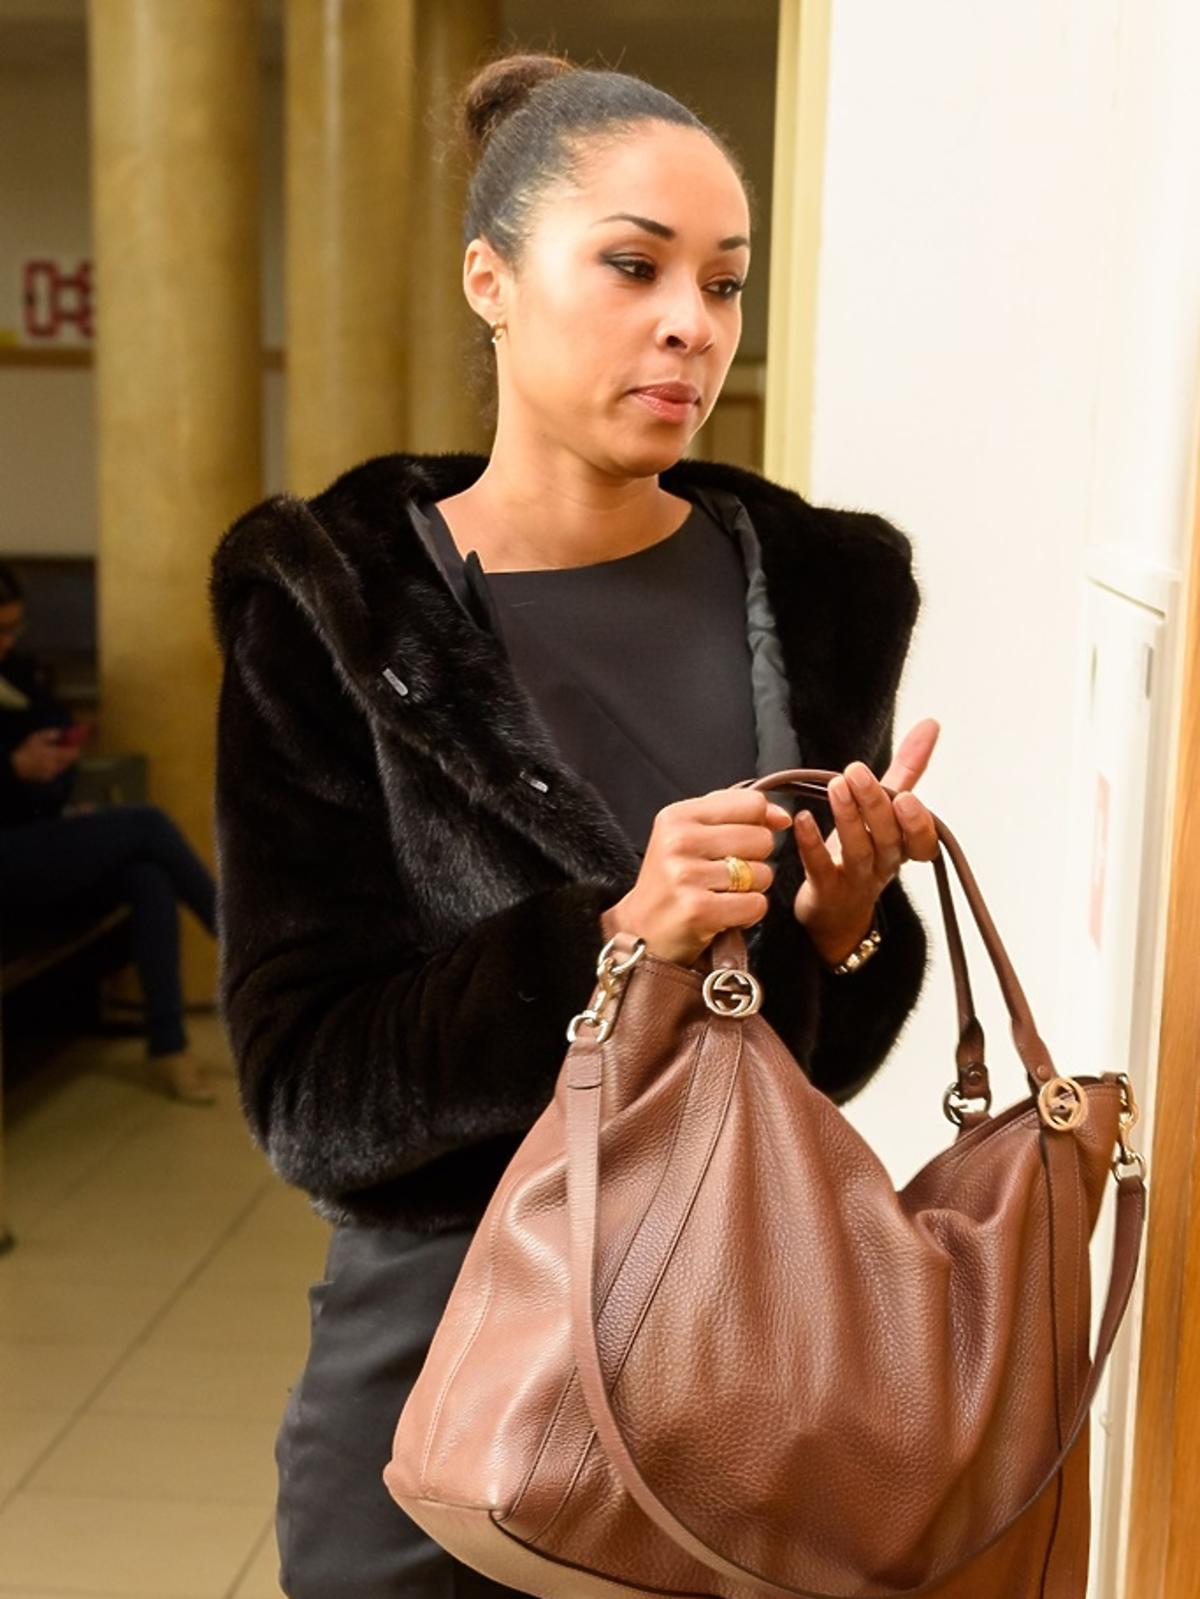 Omenaa Mensah pojawiła się w sądzie w roli świadka